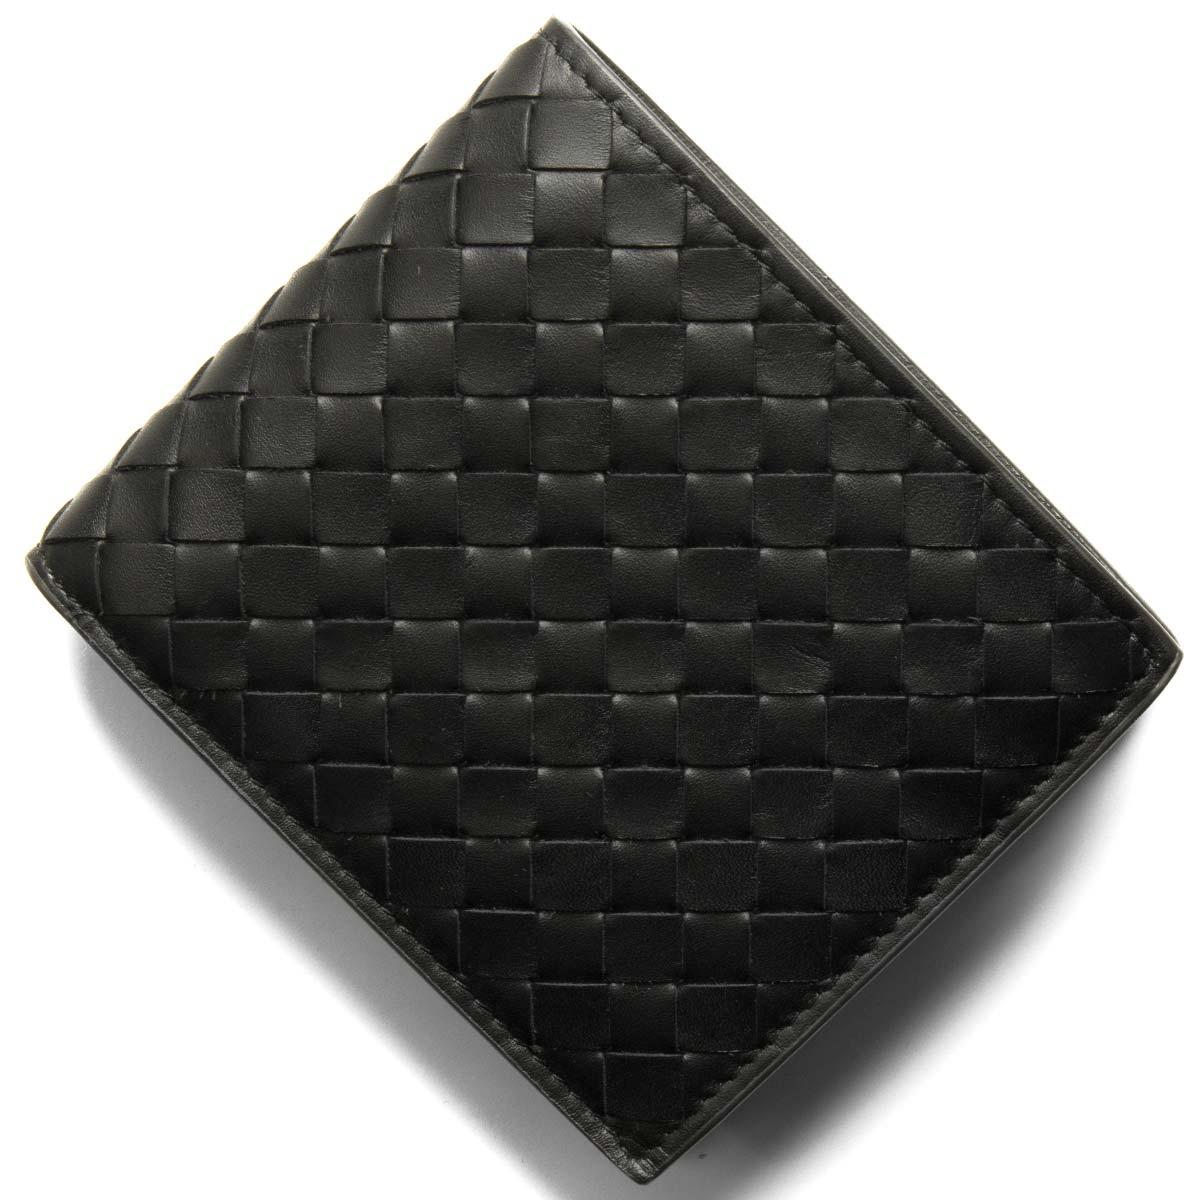 ボッテガヴェネタ (ボッテガ・ヴェネタ) 二つ折り財布 財布 メンズ イントレチャート ブラック&ニューライトグレー 193642 V465U 8885 BOTTEGA VENETA